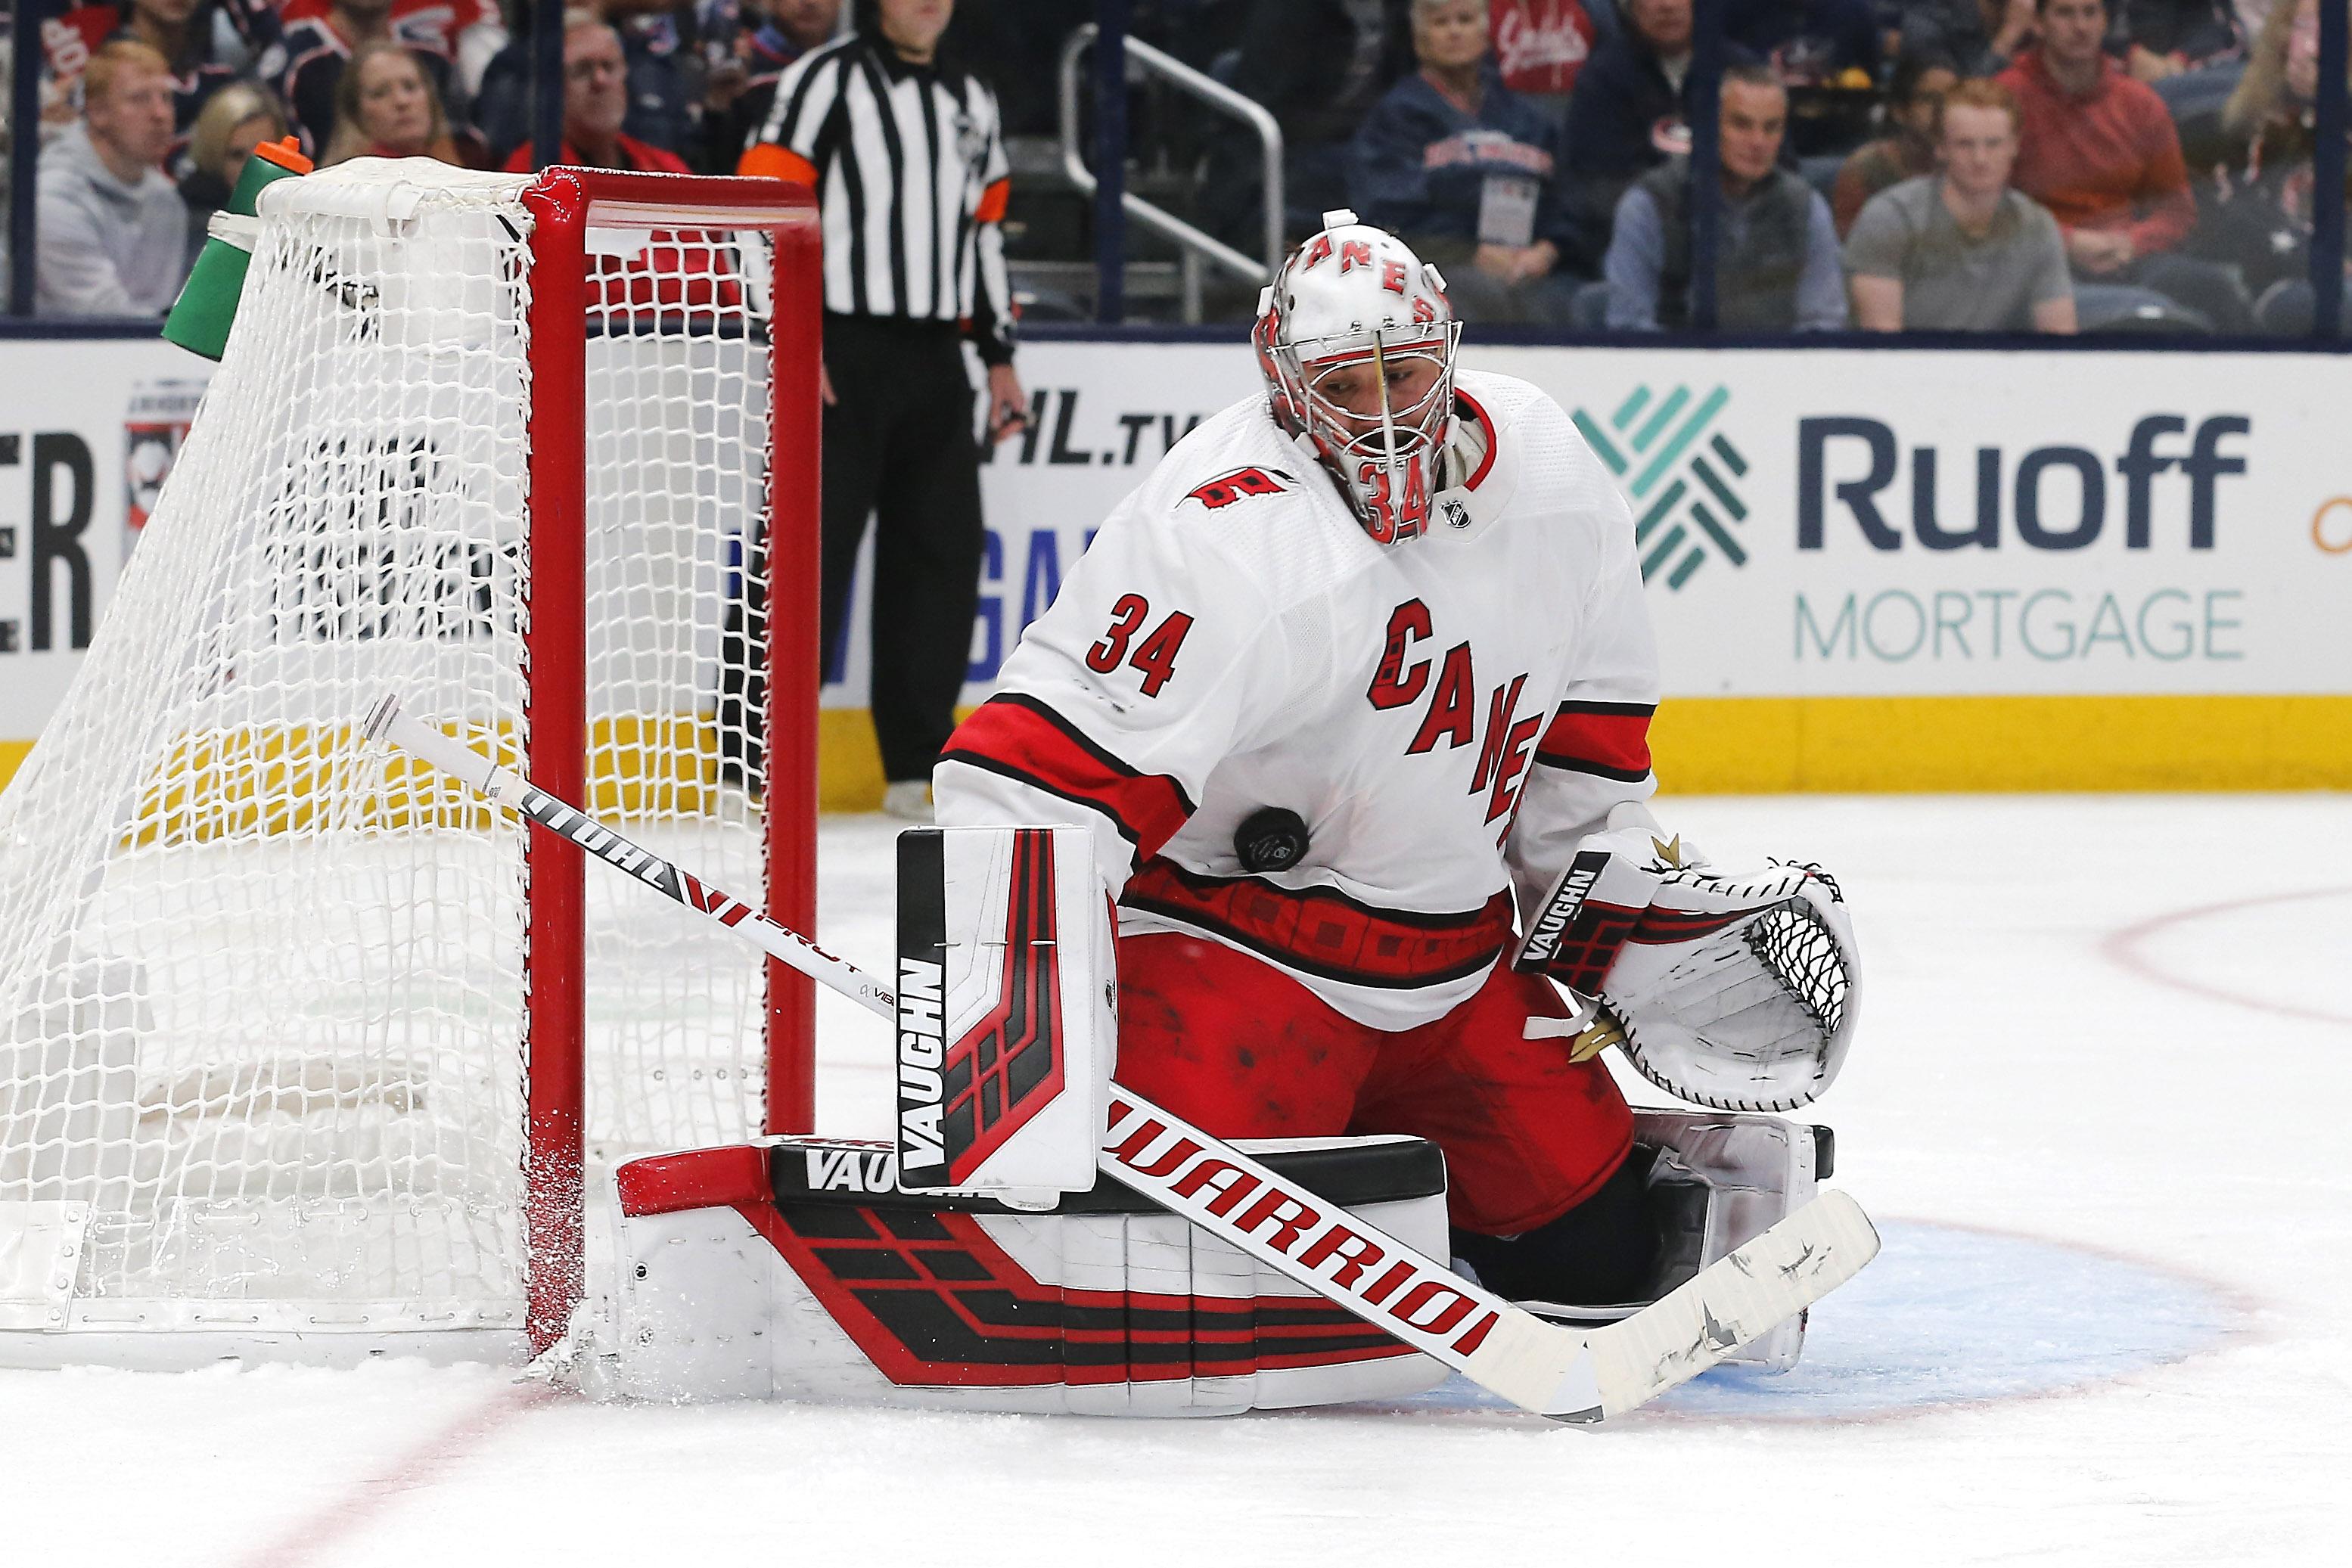 Petr Mrazek records 21st NHL career shutout